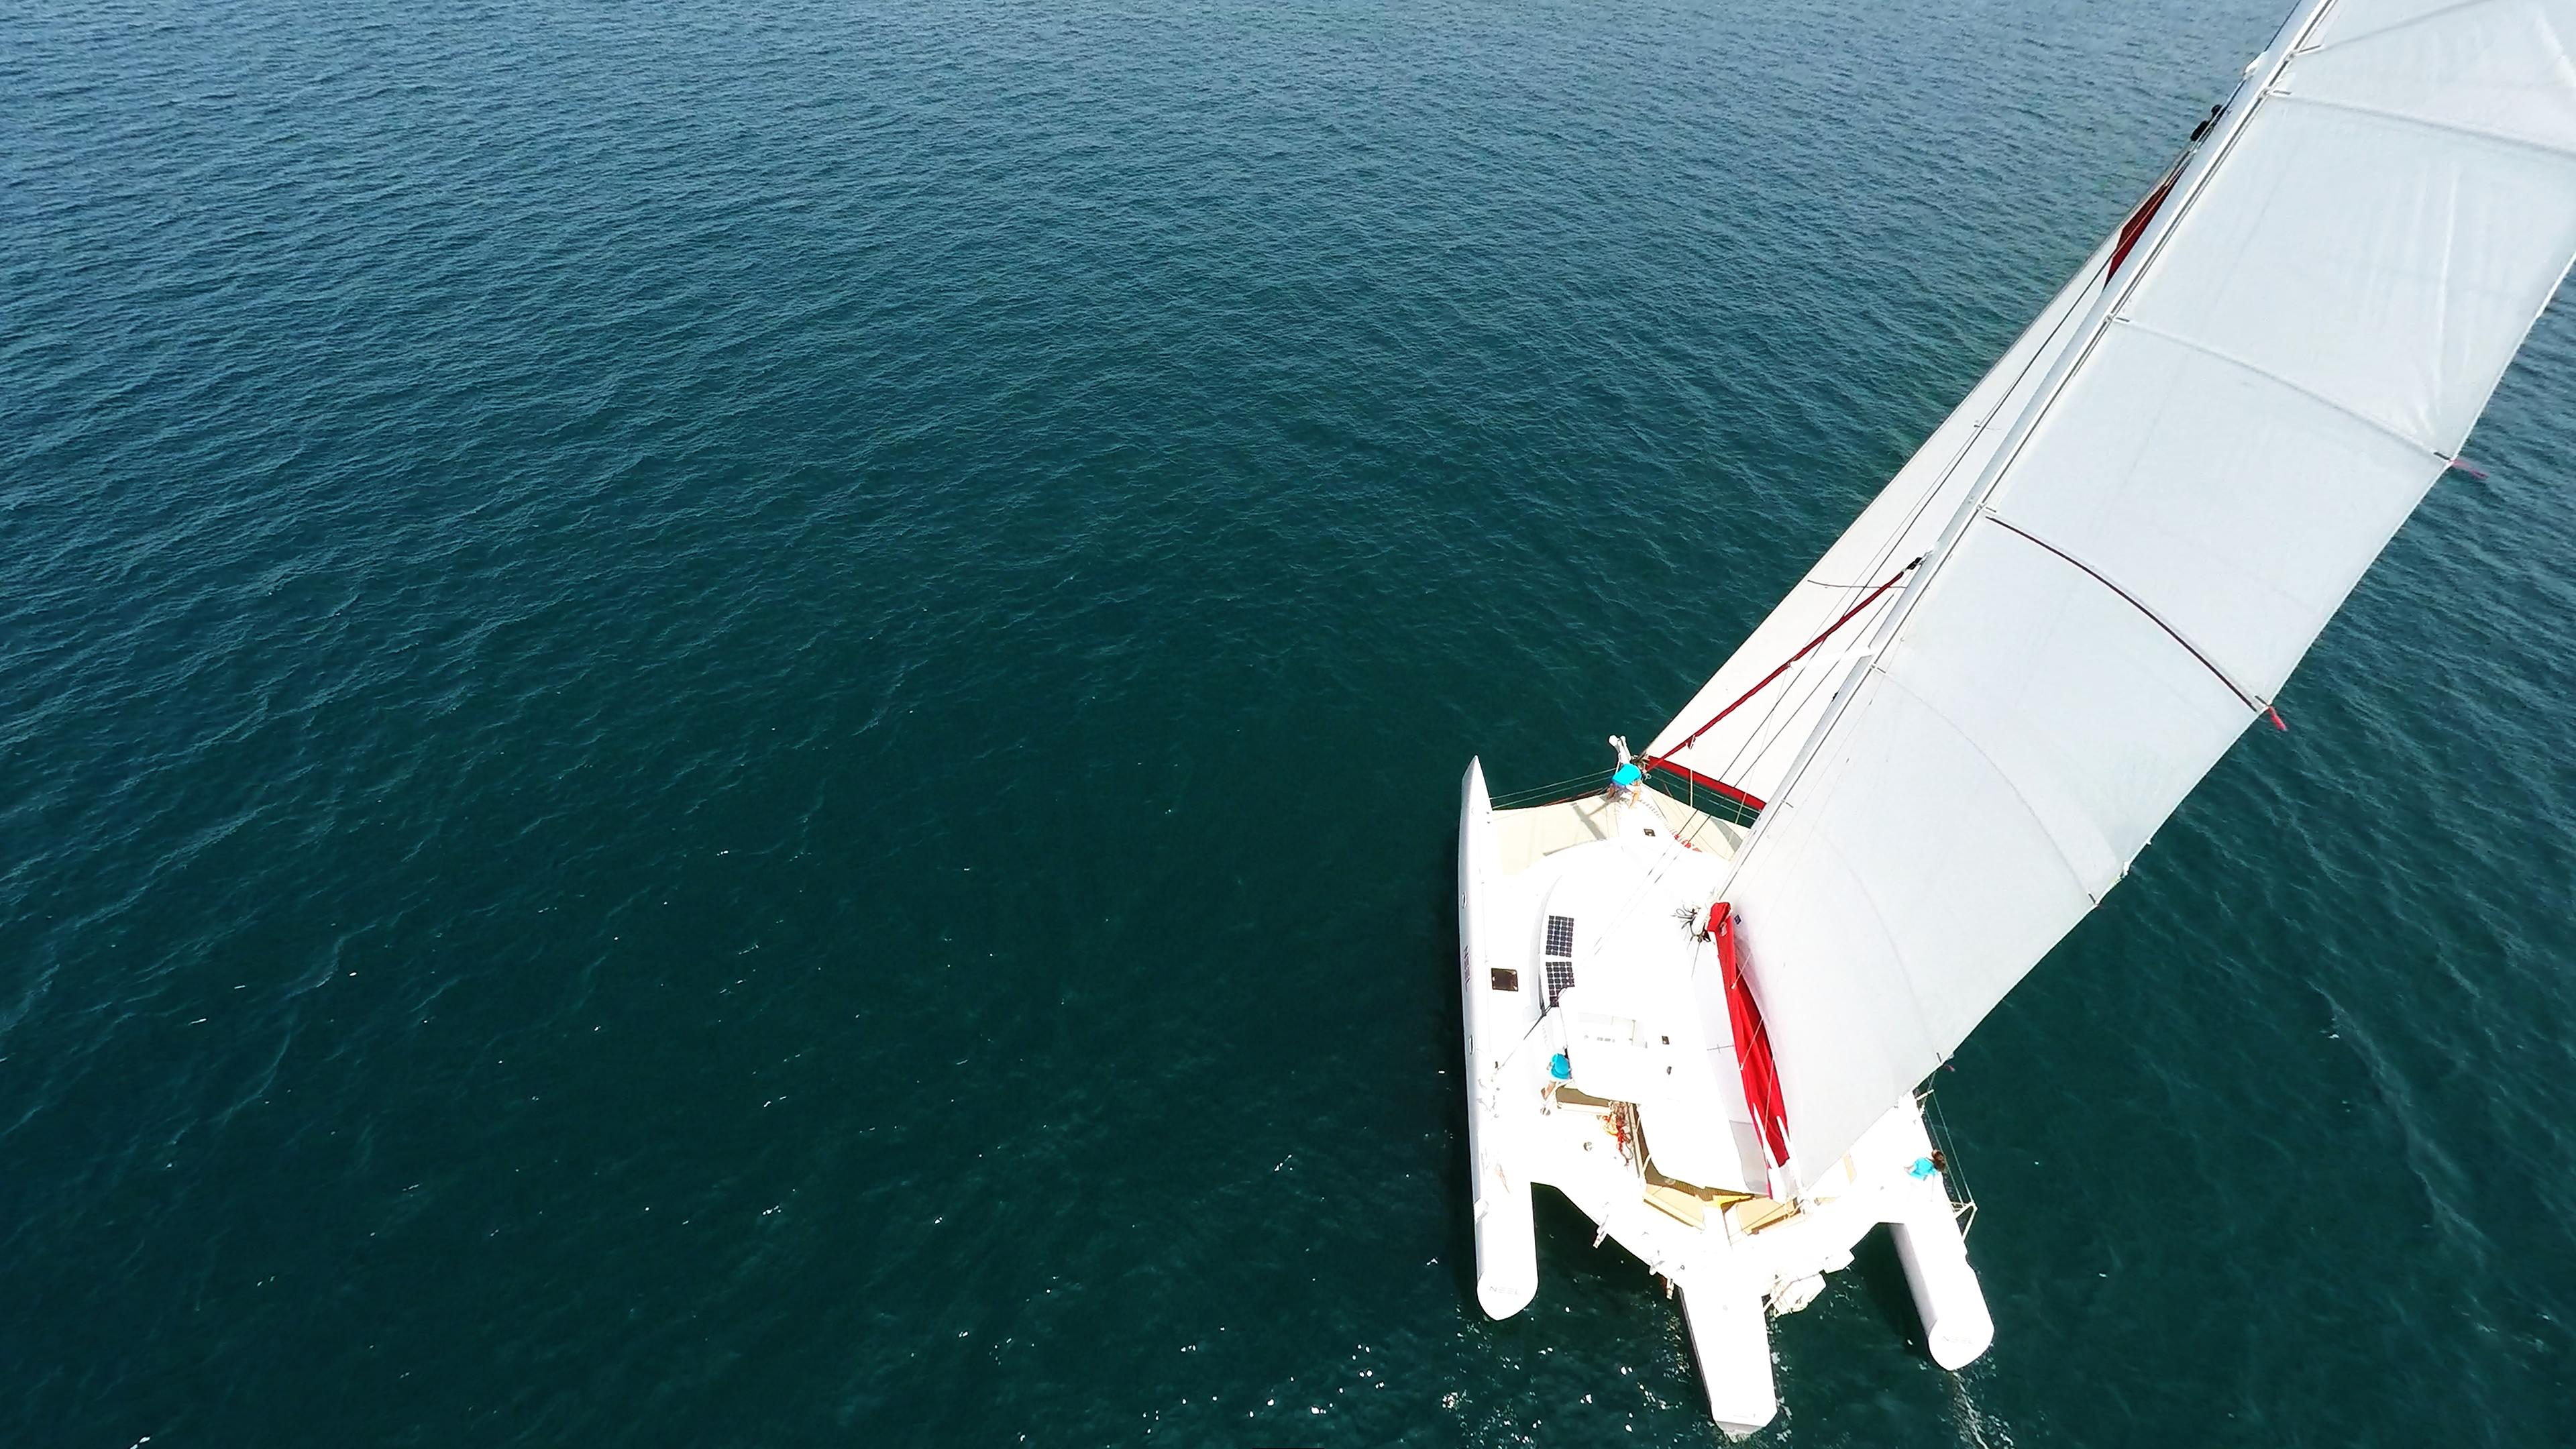 yacht trimarano randa dall'alto